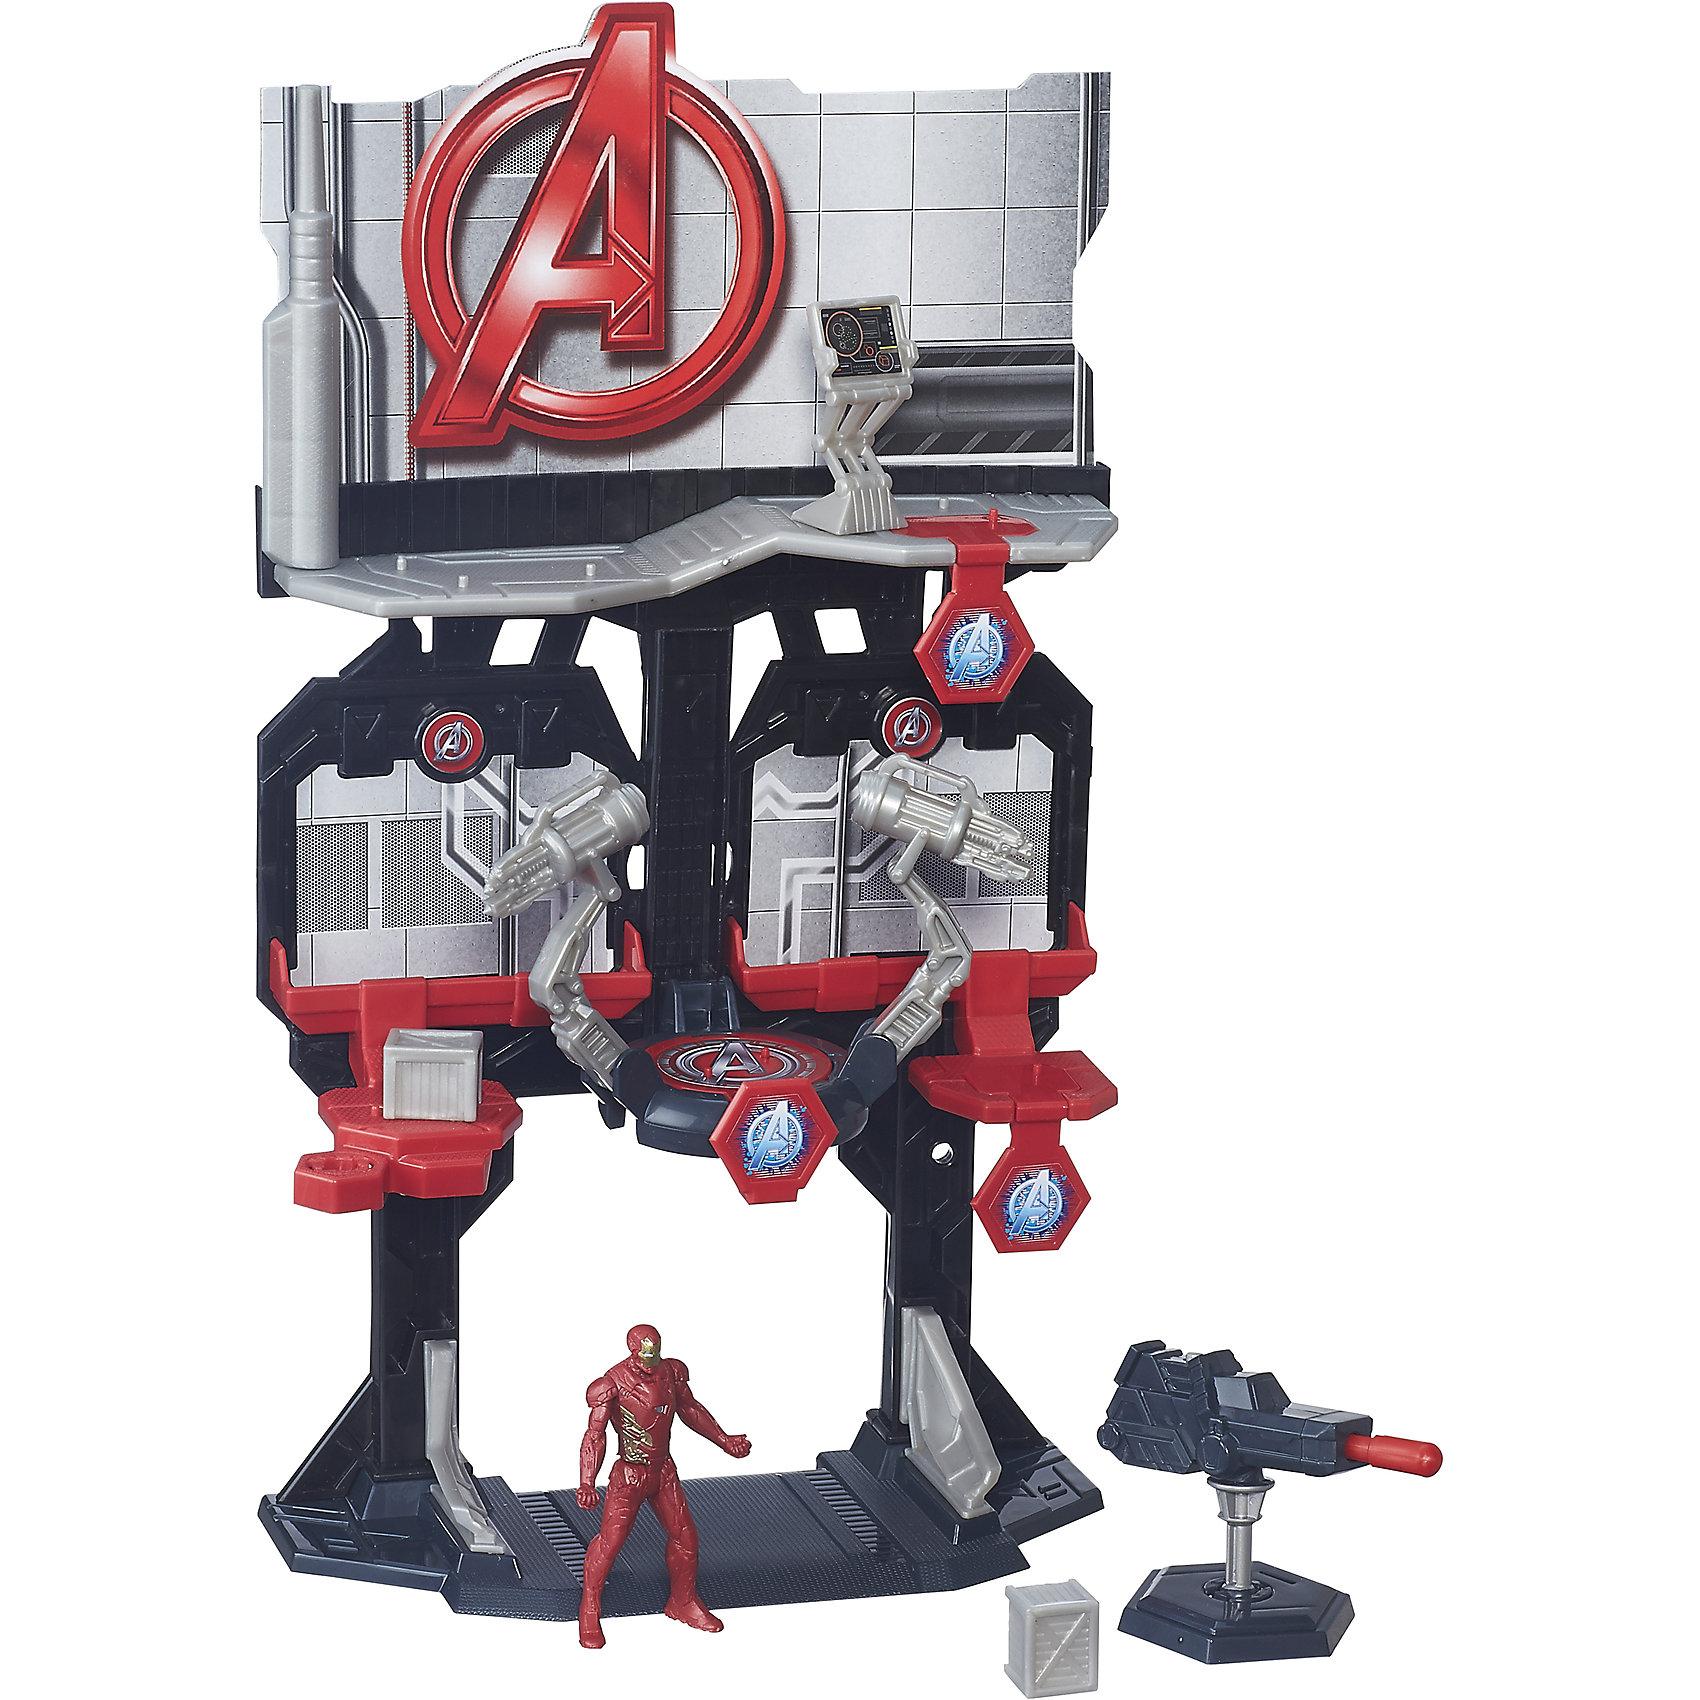 Игровая башня Мстителей, Железный человек, B5770/B6740Игрушки<br>Игровая башня Мстителей, B5770/B6740.<br><br>Характеристики:<br>- В наборе: фигурка Железного человека; оружие; башня.<br>- Материал: пластик<br>- Размер упаковки: 22,9х6,4х30,5 см.<br>- Вес в упаковке: 500 г.<br><br>Башня Мстителей – это отличный набор для поклонников вселенной Marvel, созданный по мотивам фильма Капитан Америка 3: Гражданская война. По сюжету противостояние правительства и людей со сверхспособностями дает начало великой битве за свободу существования последних. Одну из воюющих сторон представляет Железный человек, поддерживающий планы правительства. Многоэтажная башня оборудована всем необходимым и станет отличным штабом для защиты и обороны. Игровой набор позволит вашему ребенку воспроизвести сцену сражения, или придумать собственный сюжет. Башню ребенку предстоит собрать самому - с небольшой помощью взрослых. Элементы наборов Игровая башня Мстителей сочетаются между собой, собрав их все, можно создать большую штаб-квартиру Мстителей. Ваш ребенок весело проведет время, играя с набором дома, на детской площадке или в песочнице. А процесс сборки поможет малышу развить мелкую моторику, внимательность и усидчивость. Порадуйте своего малыша таким замечательным подарком!<br><br>Набор Игровая башня Мстителей, B5770/B6740 можно купить в нашем интернет-магазине.<br><br>Ширина мм: 64<br>Глубина мм: 229<br>Высота мм: 1450<br>Вес г: 580<br>Возраст от месяцев: 48<br>Возраст до месяцев: 144<br>Пол: Мужской<br>Возраст: Детский<br>SKU: 5064720